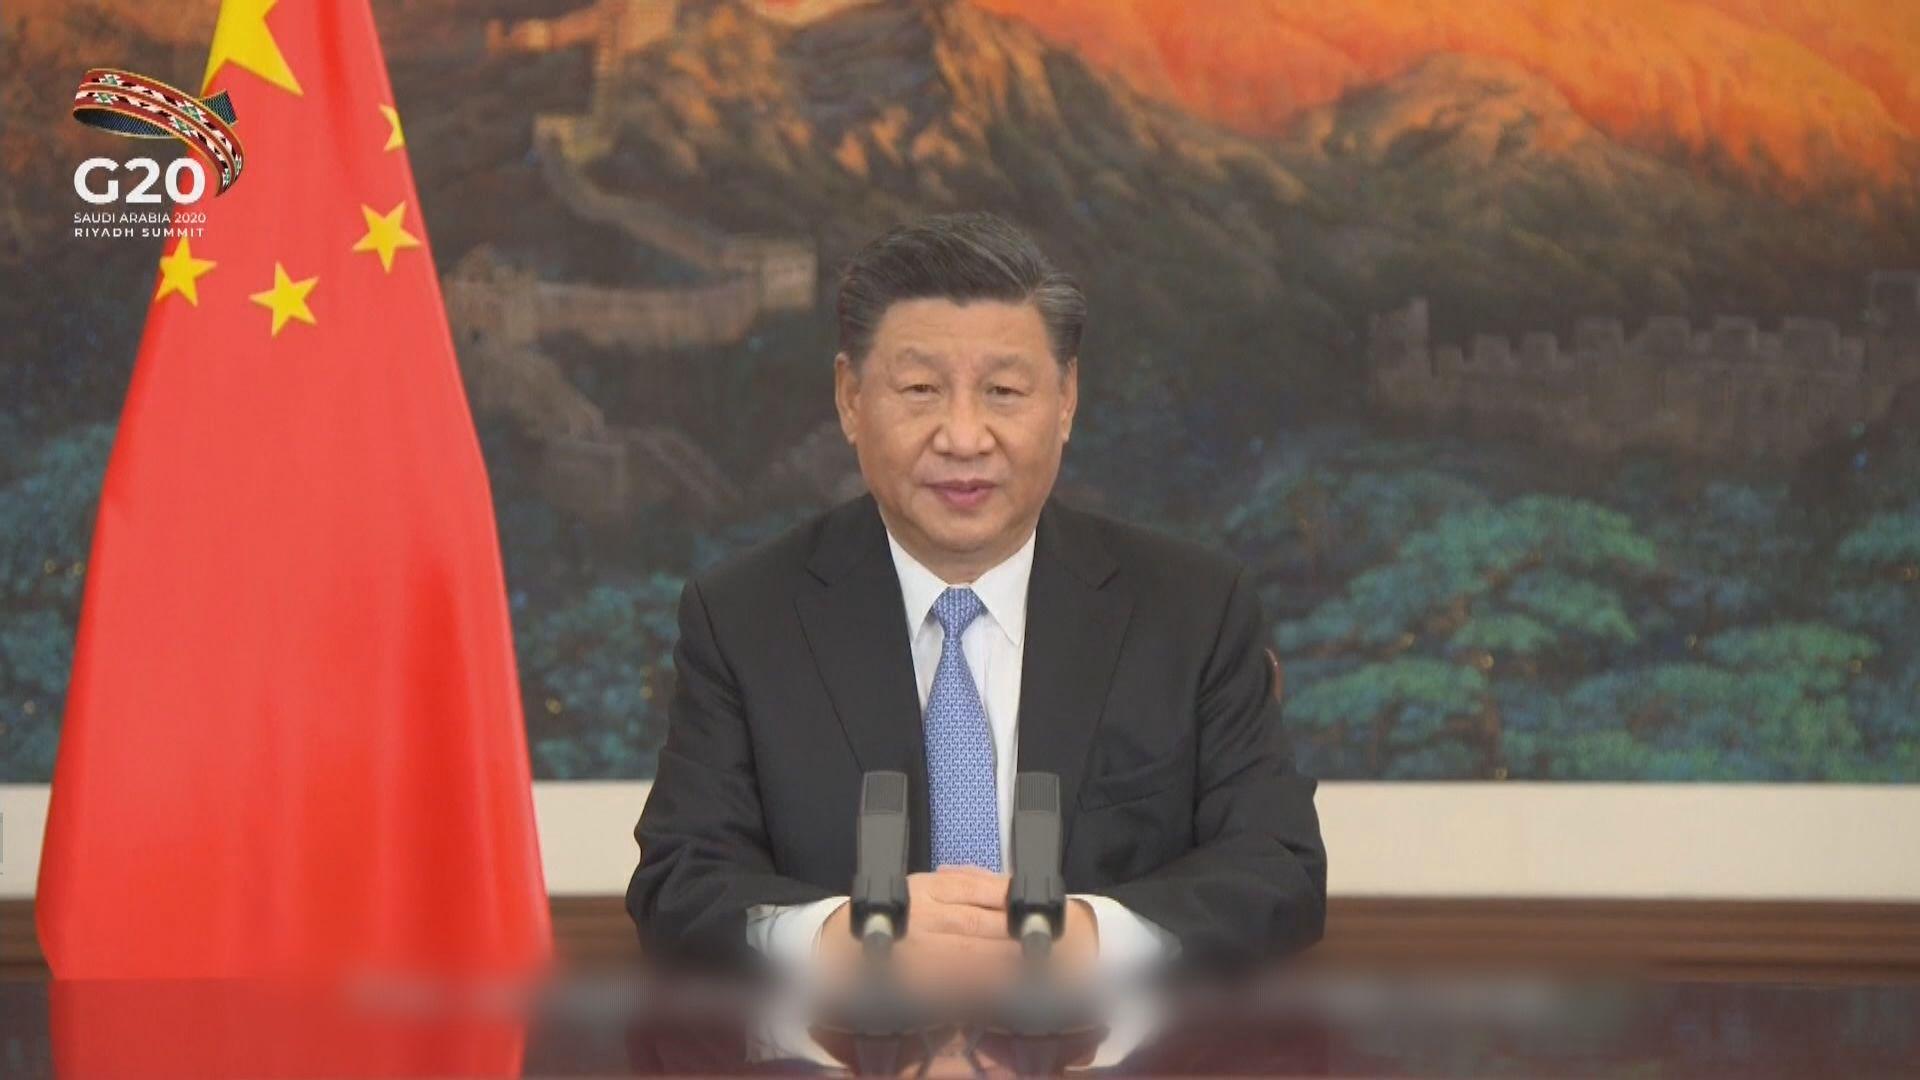 習近平稱中國會深入推進潔淨能源轉型